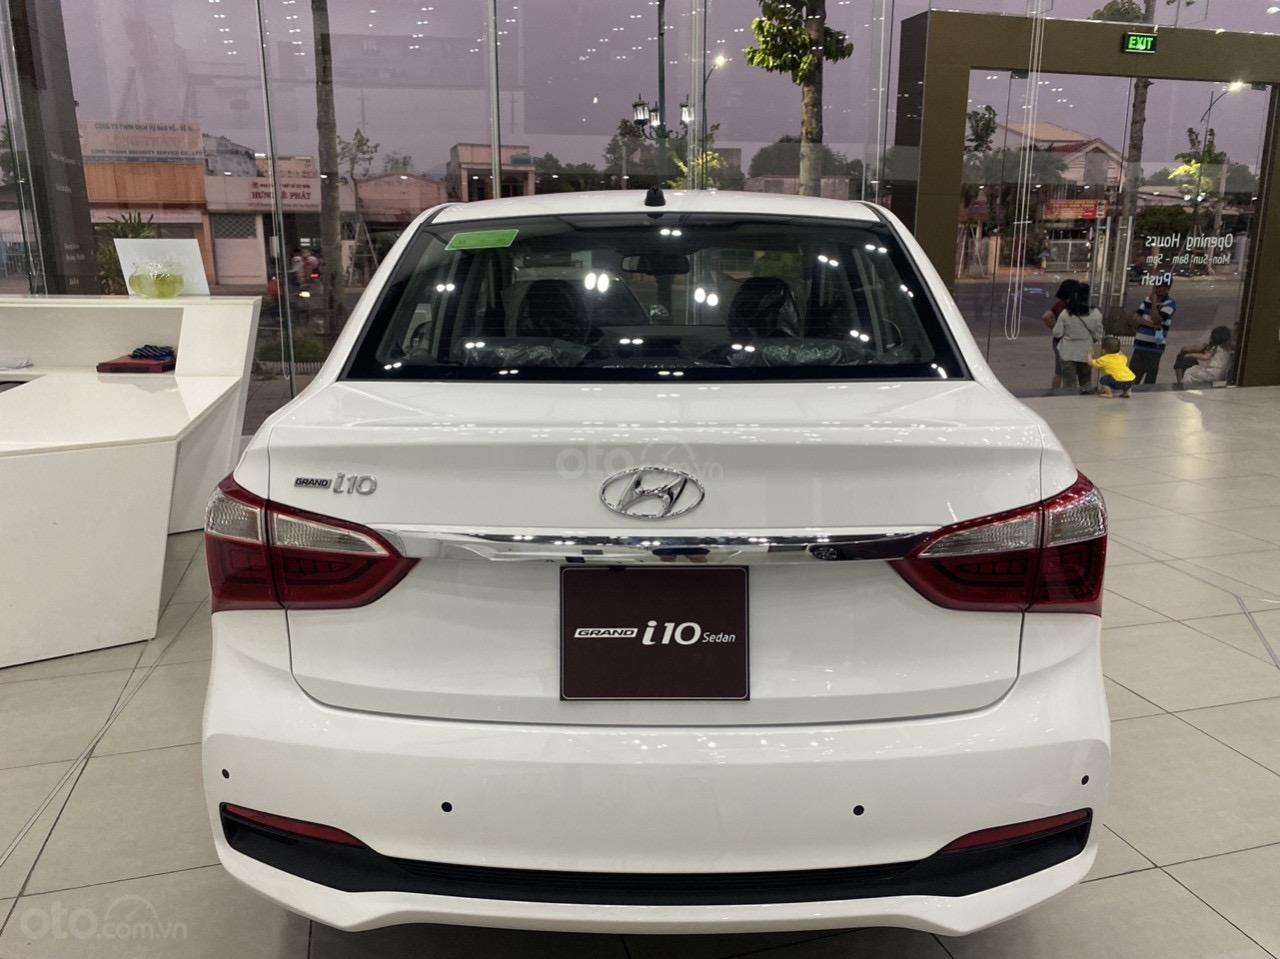 Cần bán xe Hyundai Grand i10 sedan xe có sẵn (7)